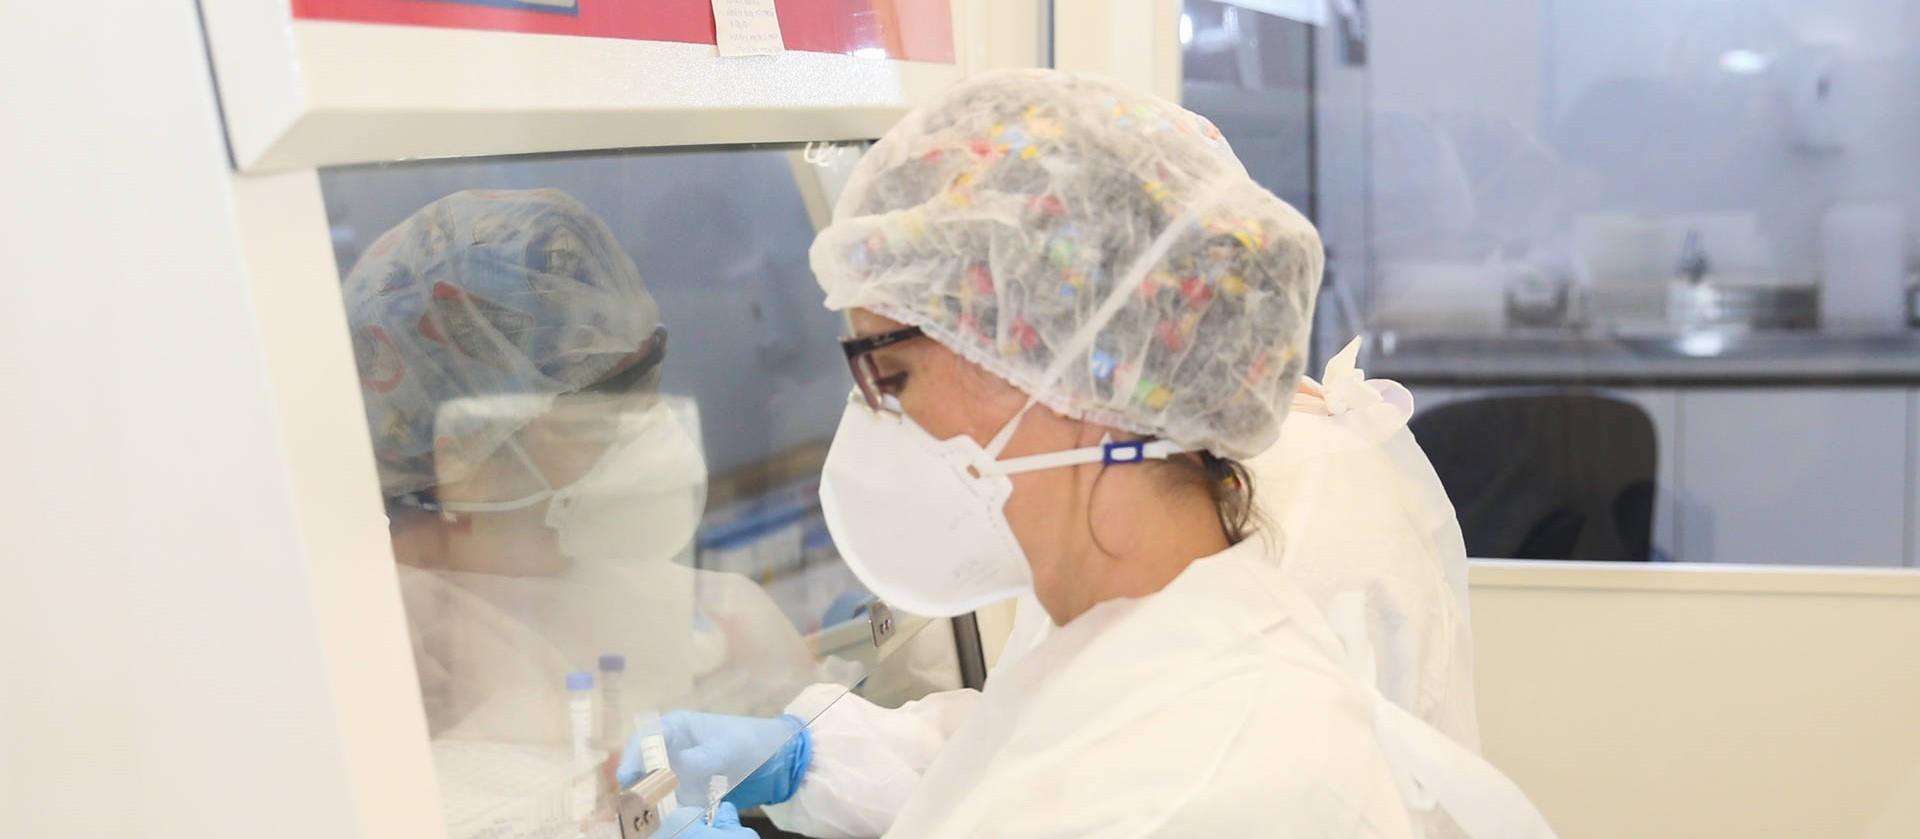 Boletim epidemiológico da Sesa informa 1.040 mortes em Maringá por coronavírus desde o início da pandemia